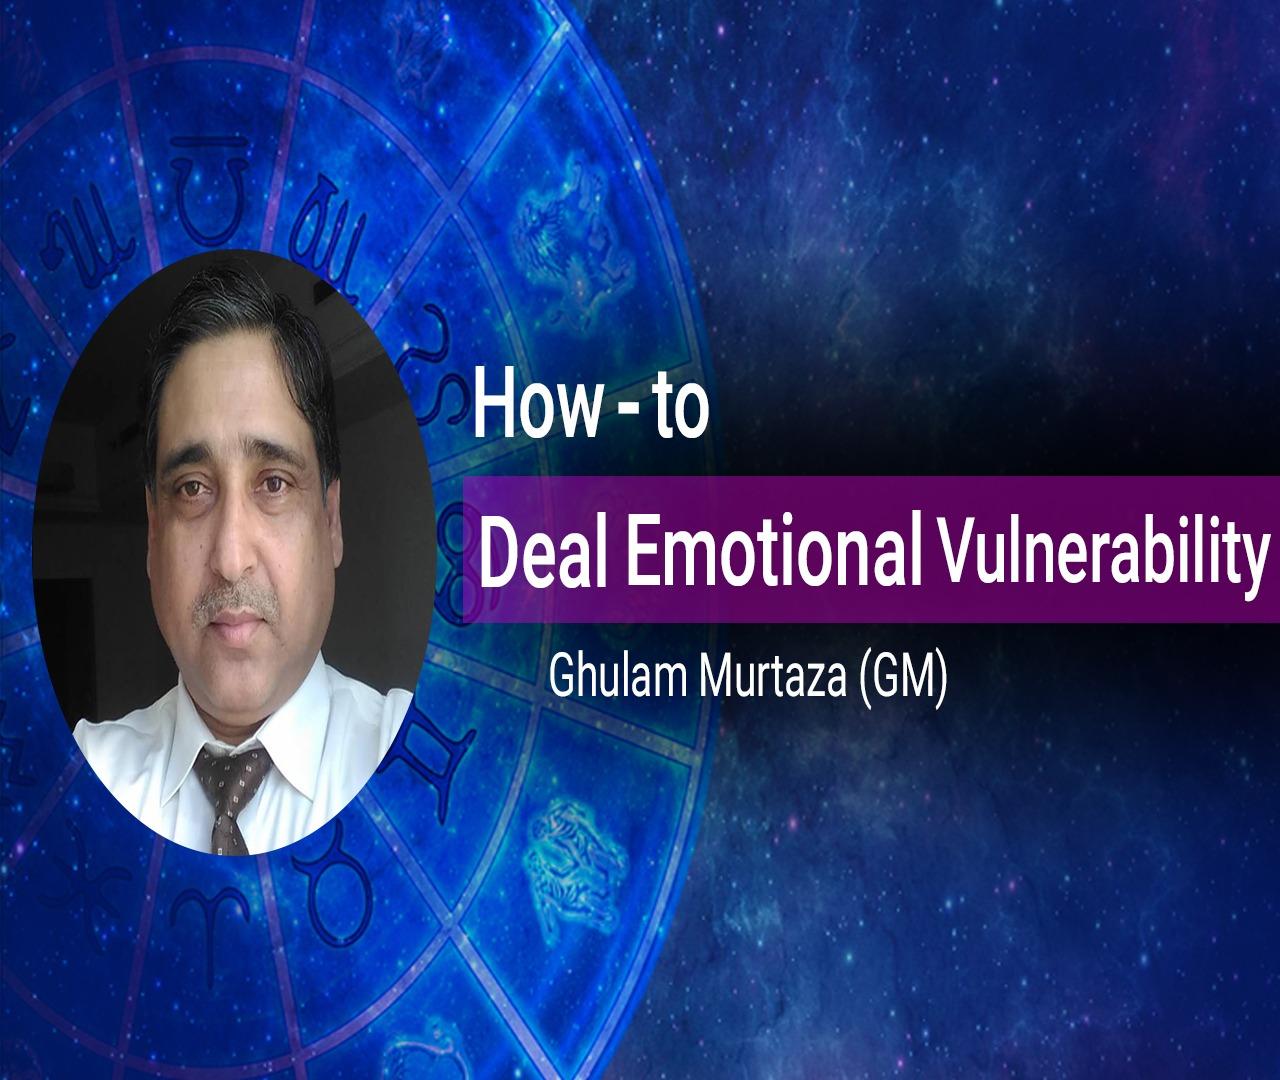 Deal Emotional